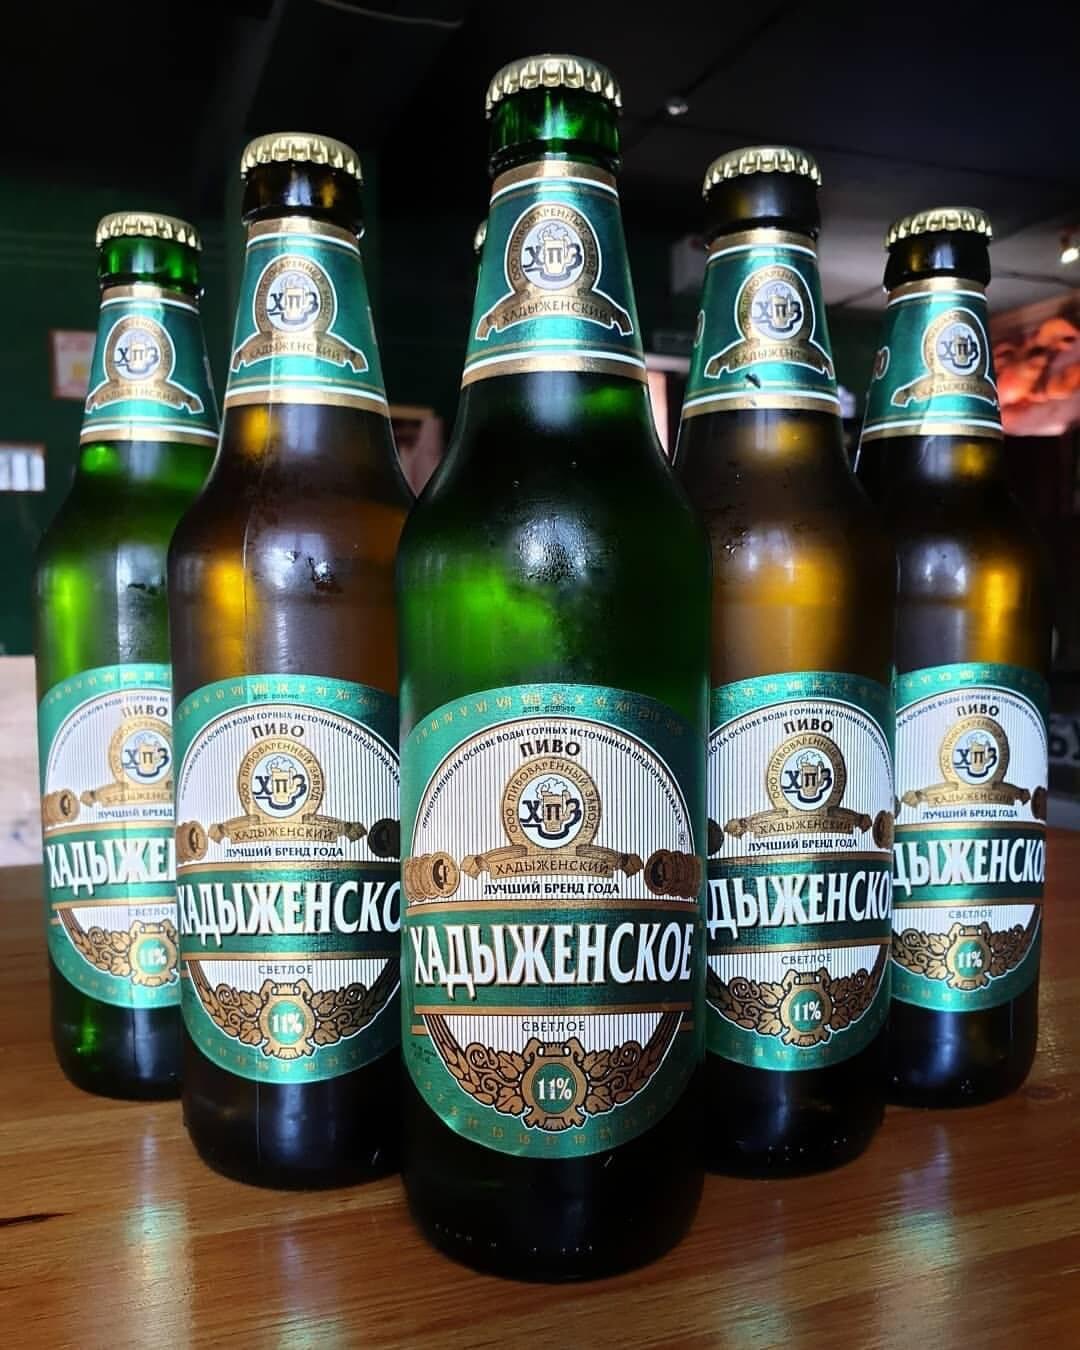 Пиво хадыженское. история и отзывы